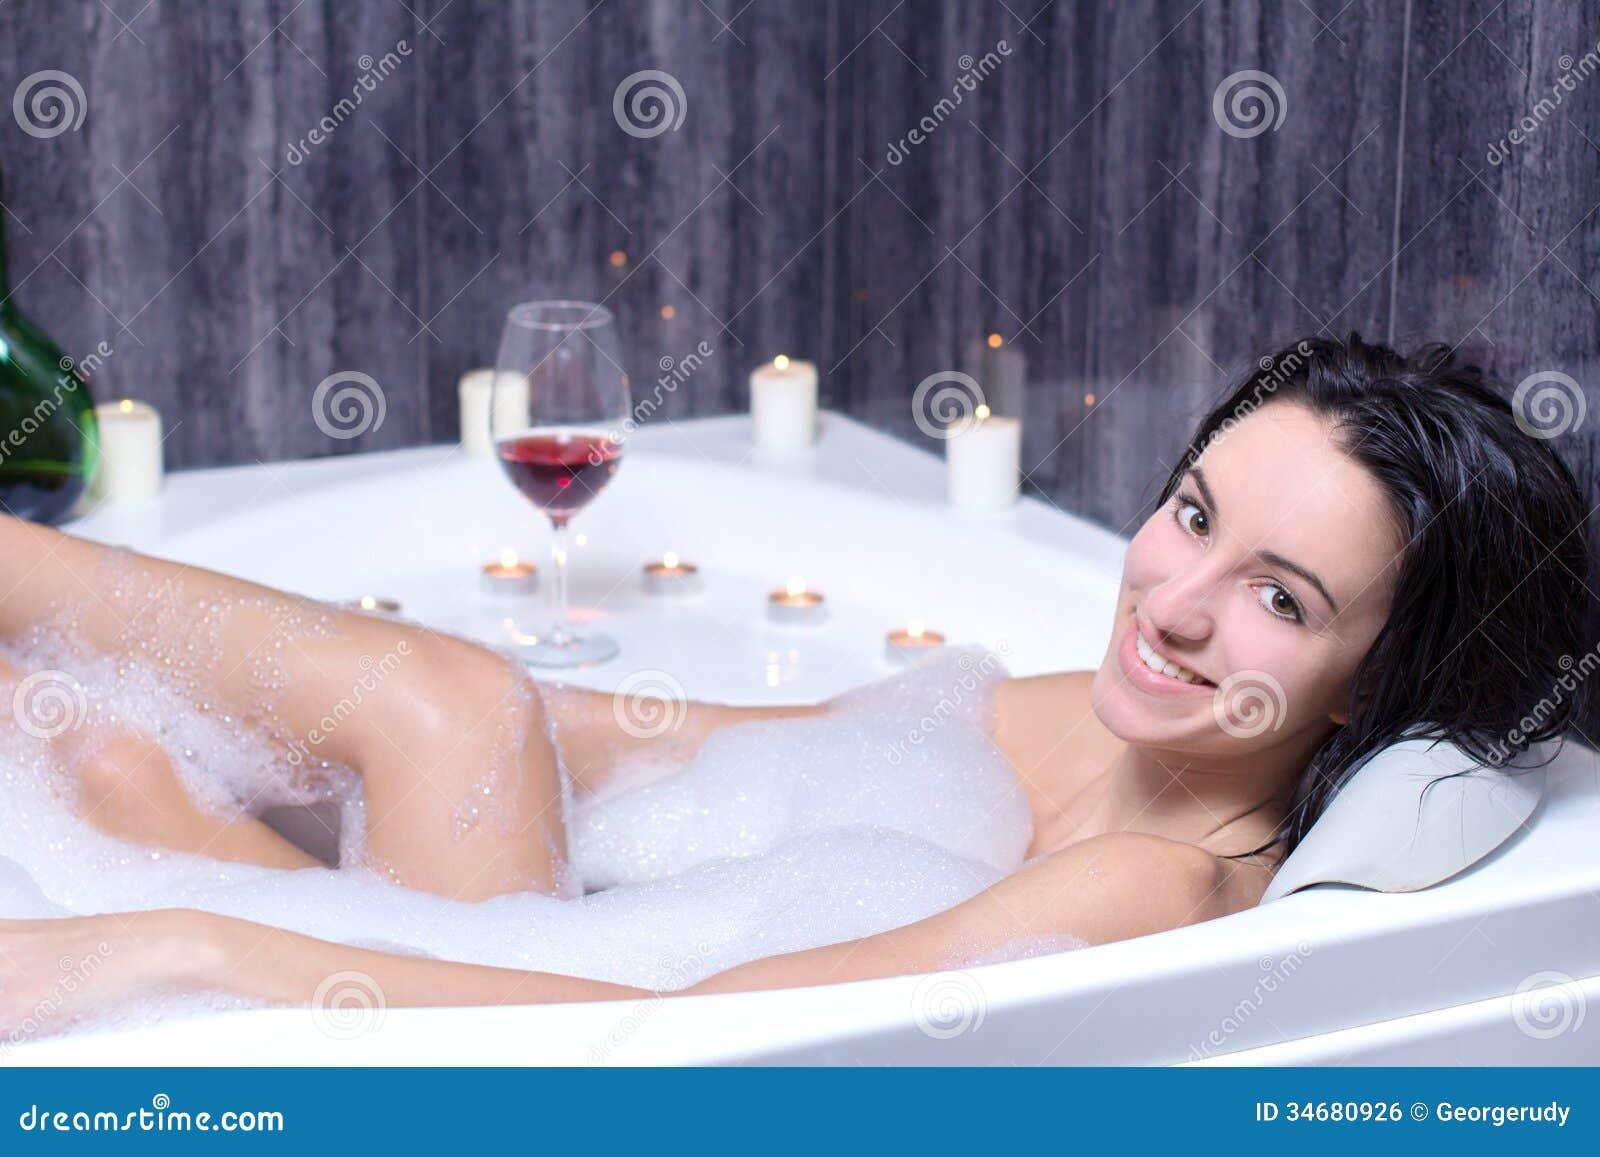 Смотреть бесплатно в онлайне как моются женщины, Эротика и порно, снятые в бане или в сауне смотреть 19 фотография